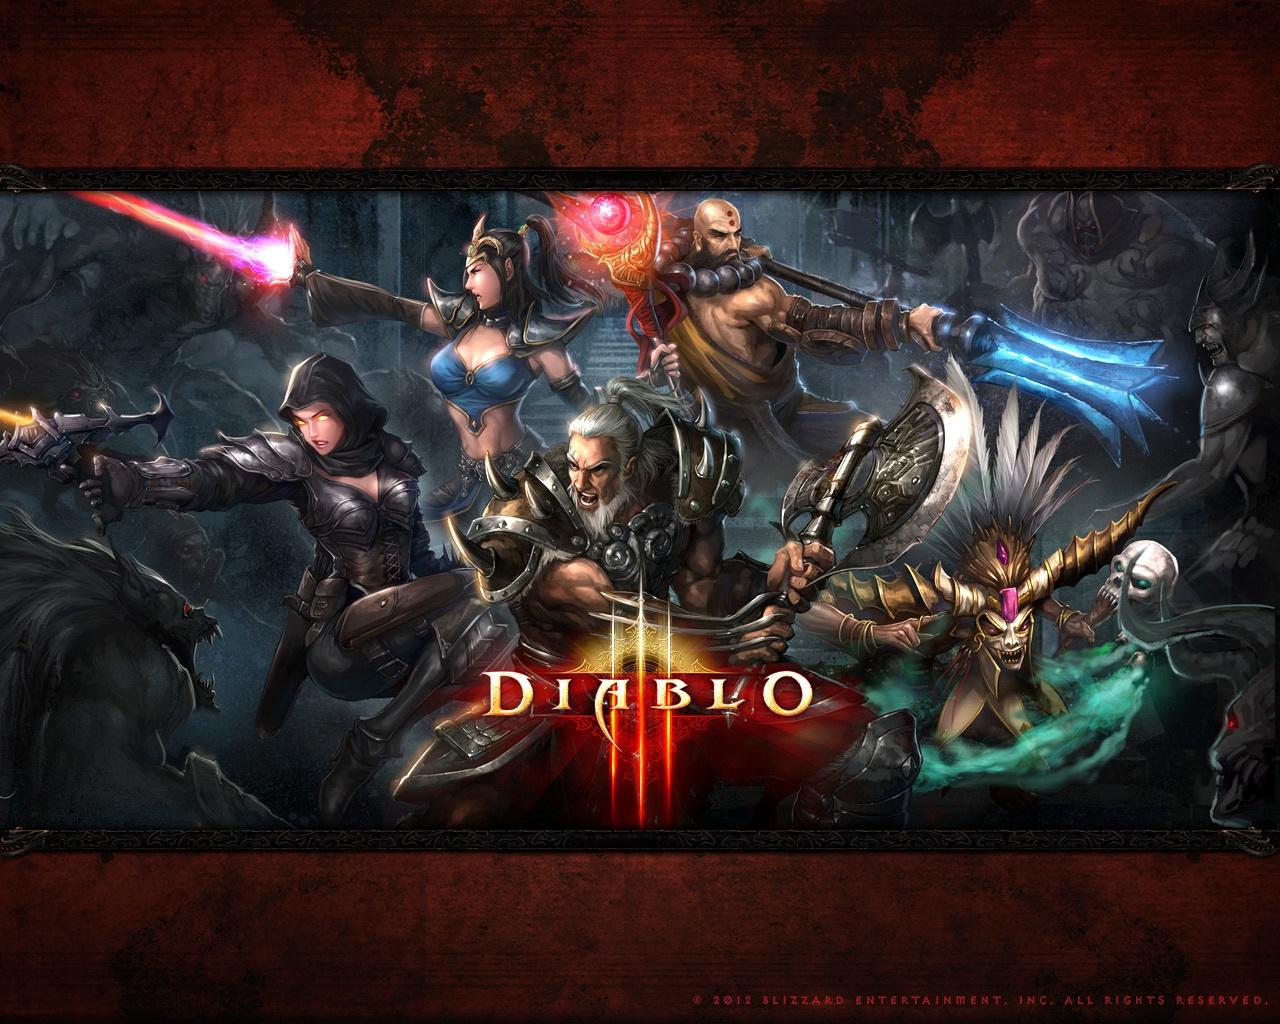 Diablo-3 classes